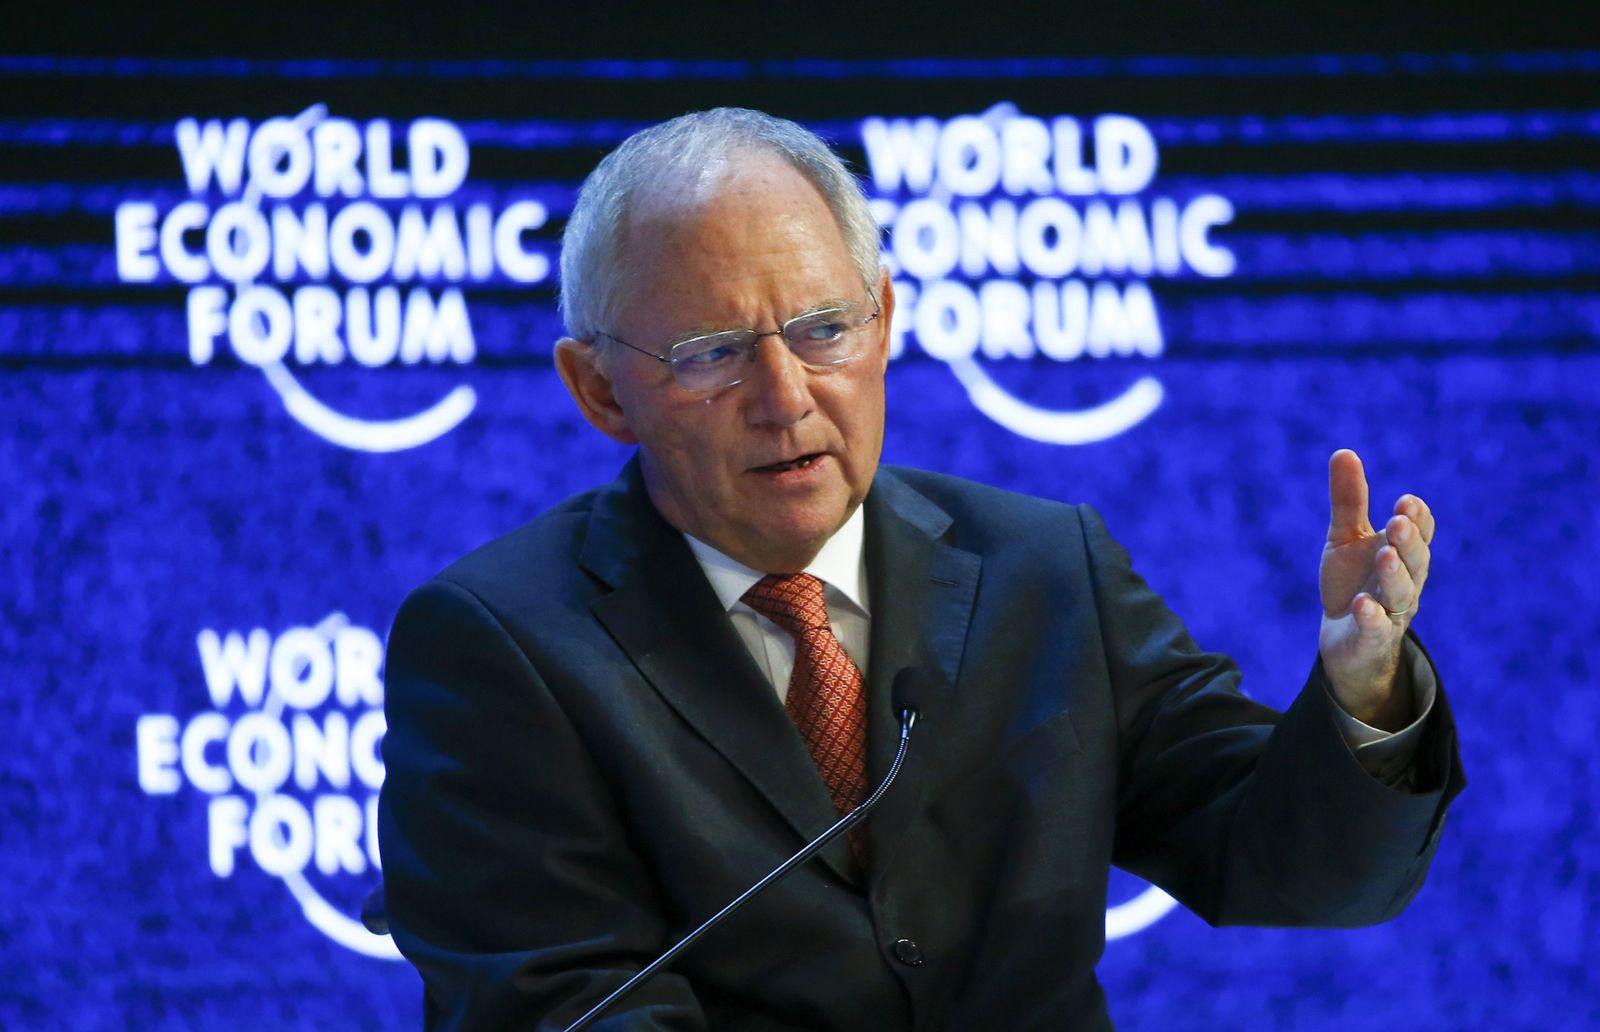 Schäuble/ Davos